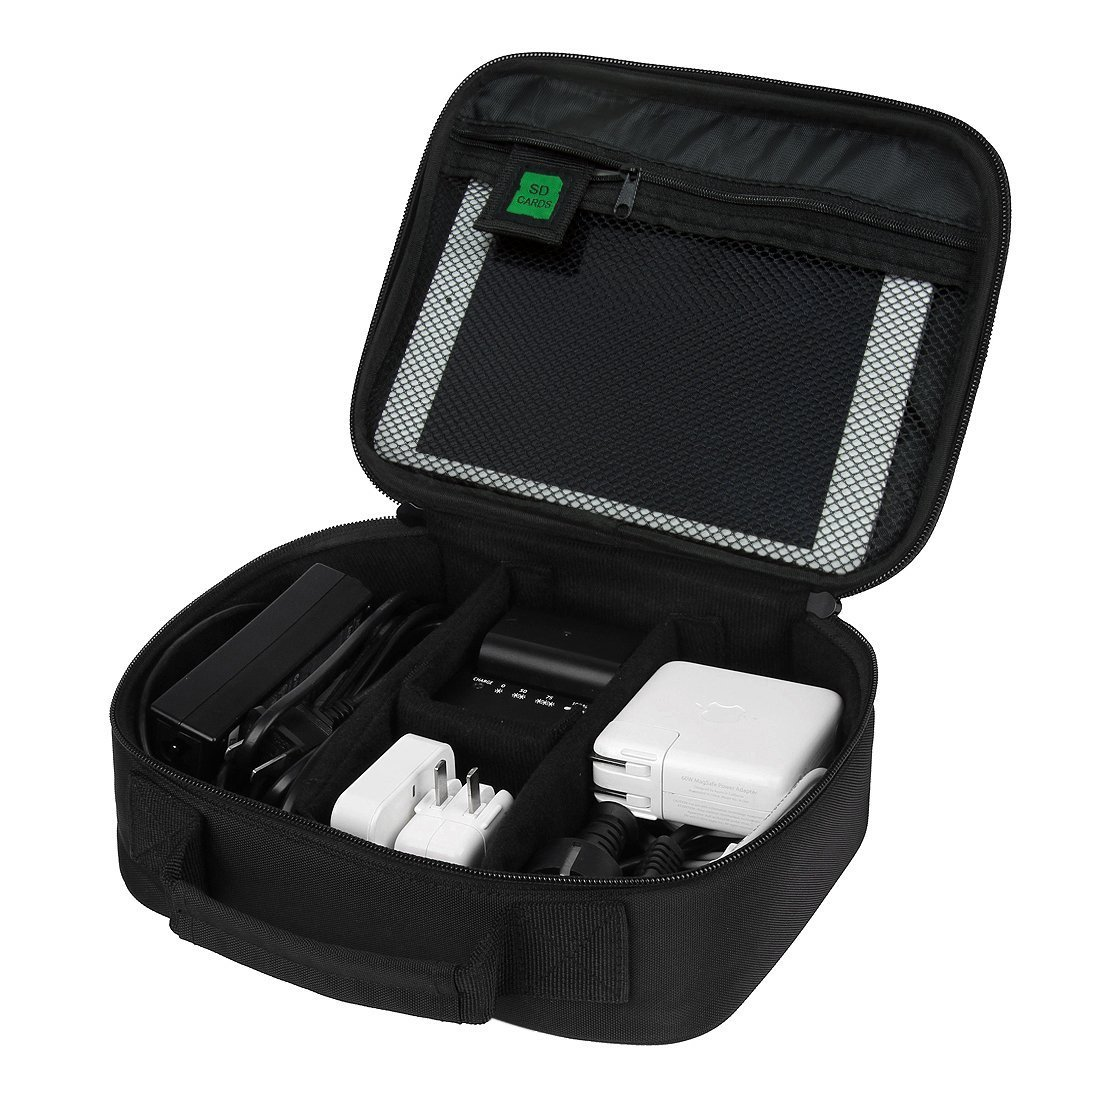 Ciaoed Zubehör Organizer Handliche Elektronik Tasche Reise Doppelte Fächer für Handy USB Cable Power Banks Festplatte Schwarz